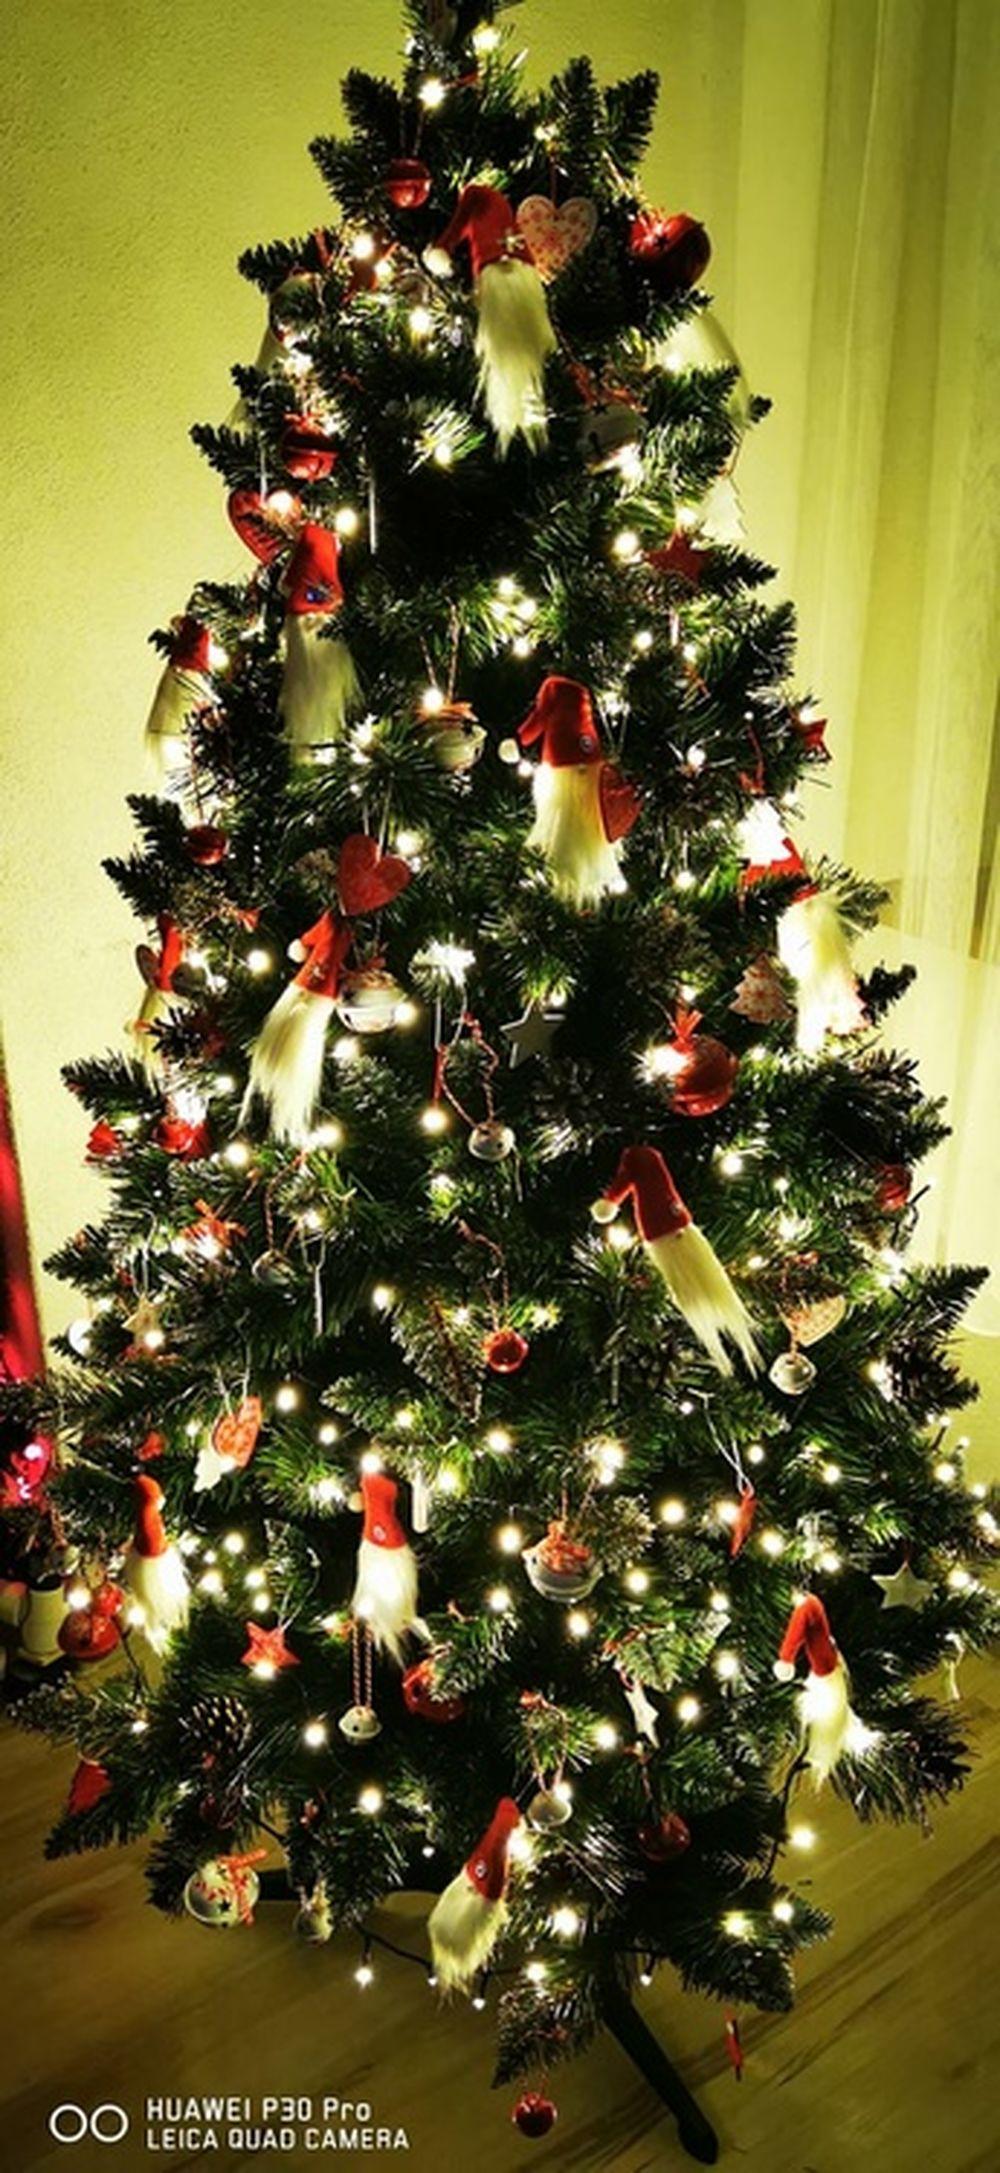 FOTO: Vianočné stromčeky v Žiline - výber fotografií našich čitateľov, foto 55